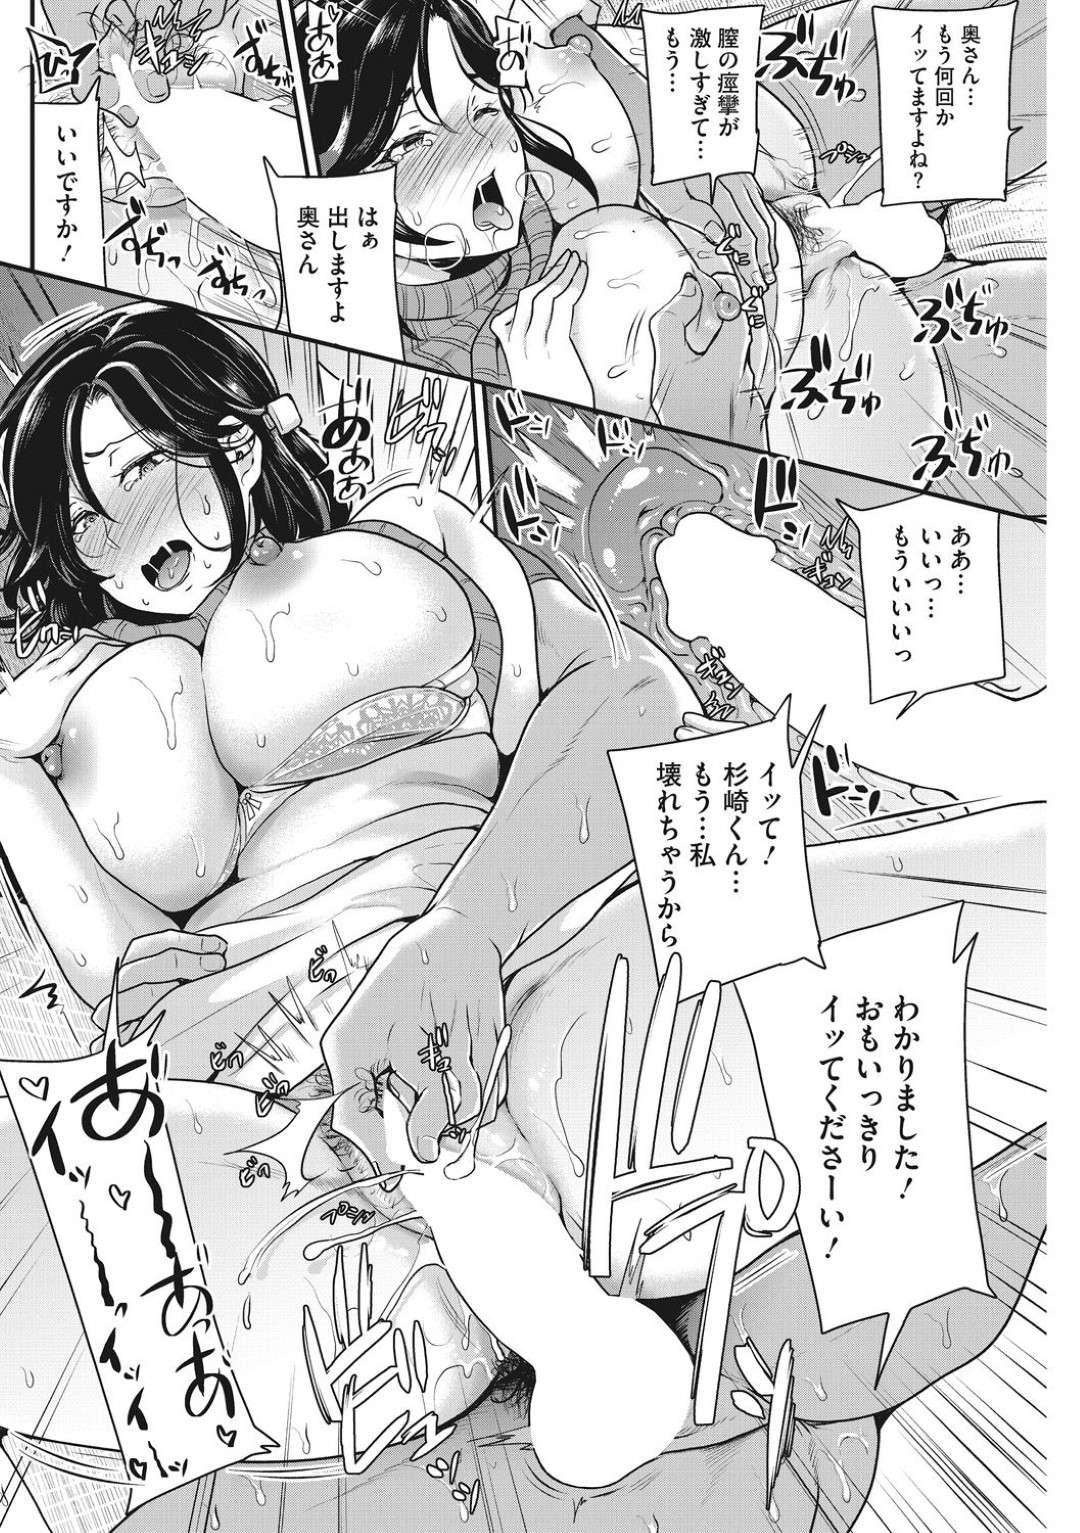 【人妻逆レイプ漫画】家の外装工事で若い男の子がきて舞い上がっている巨乳の人妻は、年甲斐もなく短めなスカートとエッチな下着を着て誘惑し、中出しセックスまでしてしまう【シュガーミルク】